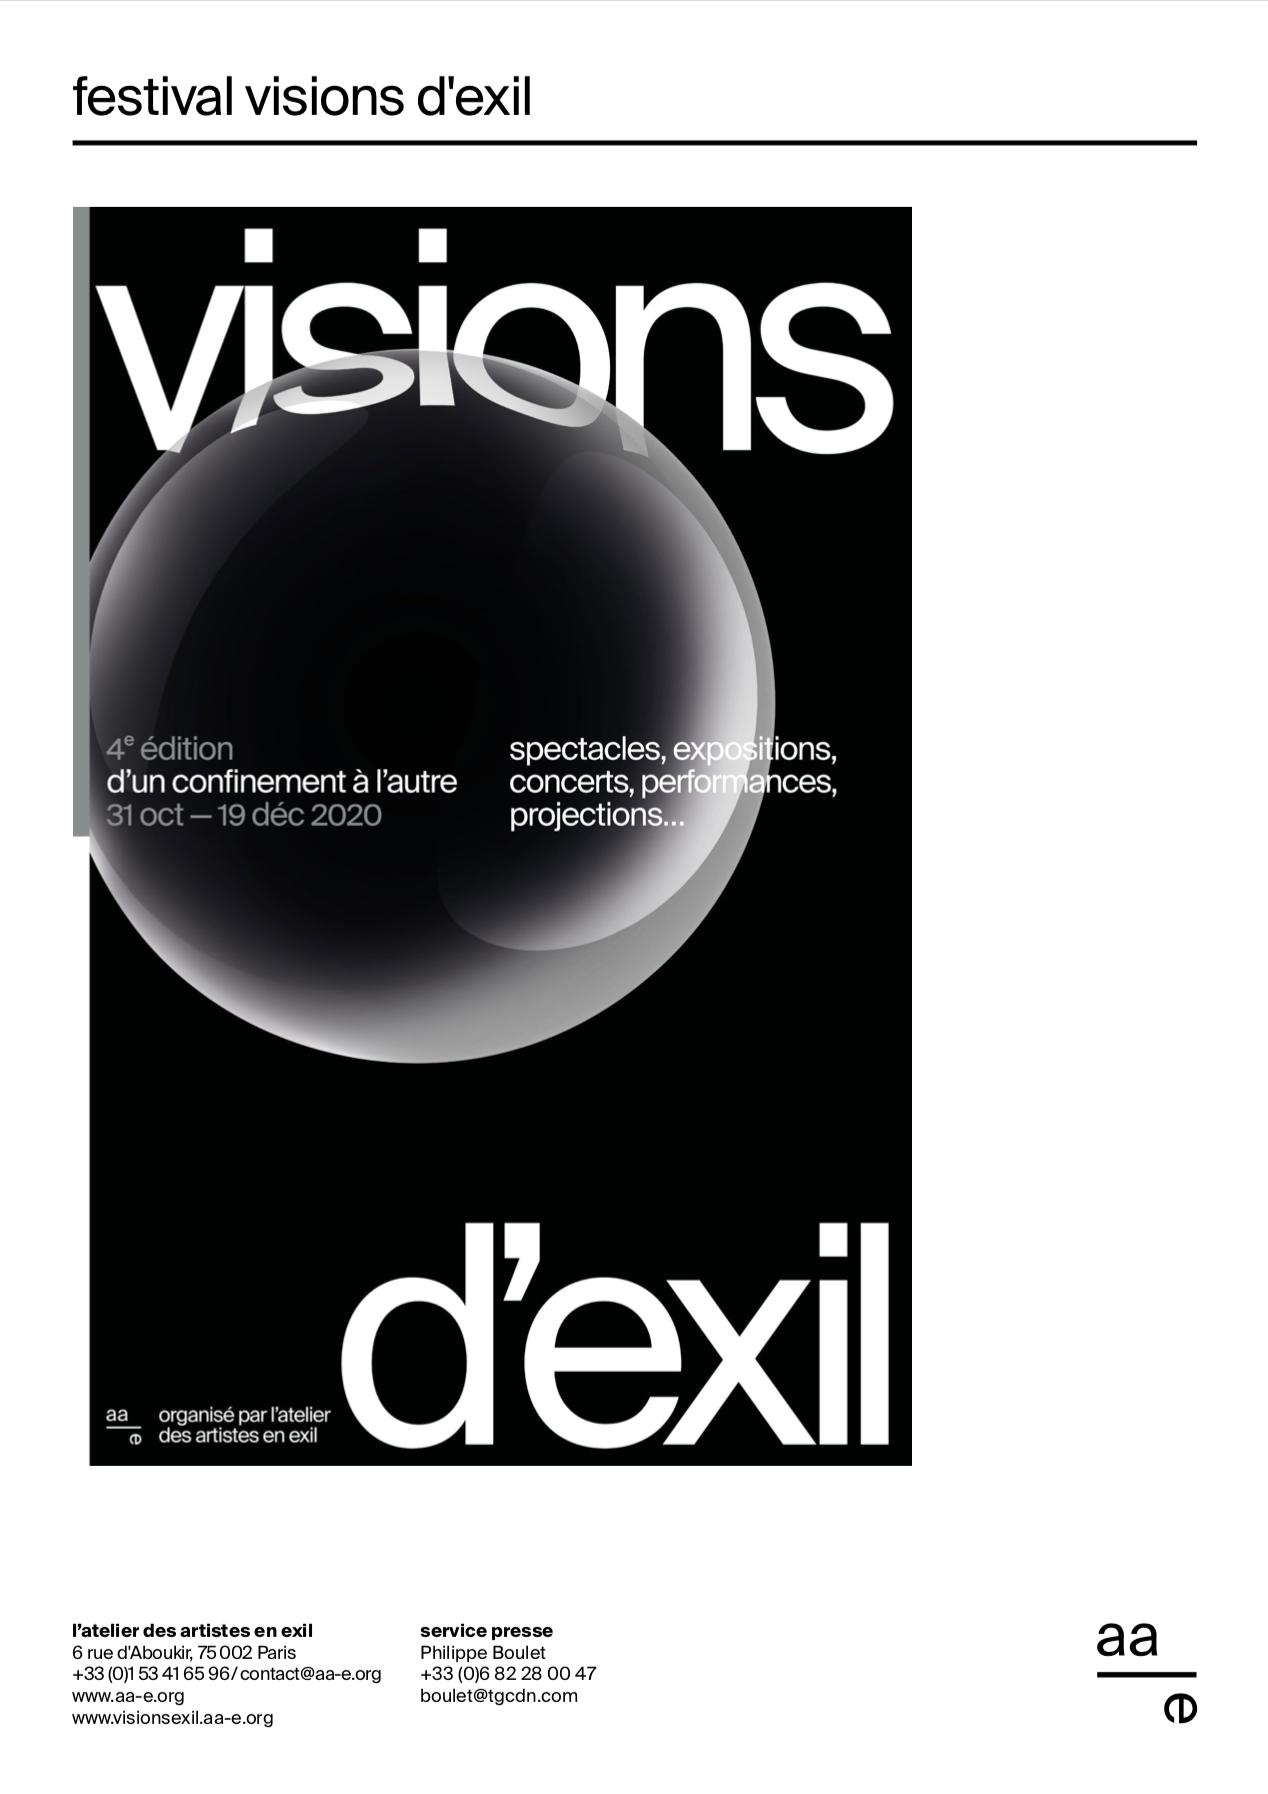 Dossier de presse festival visions d'exil 2020